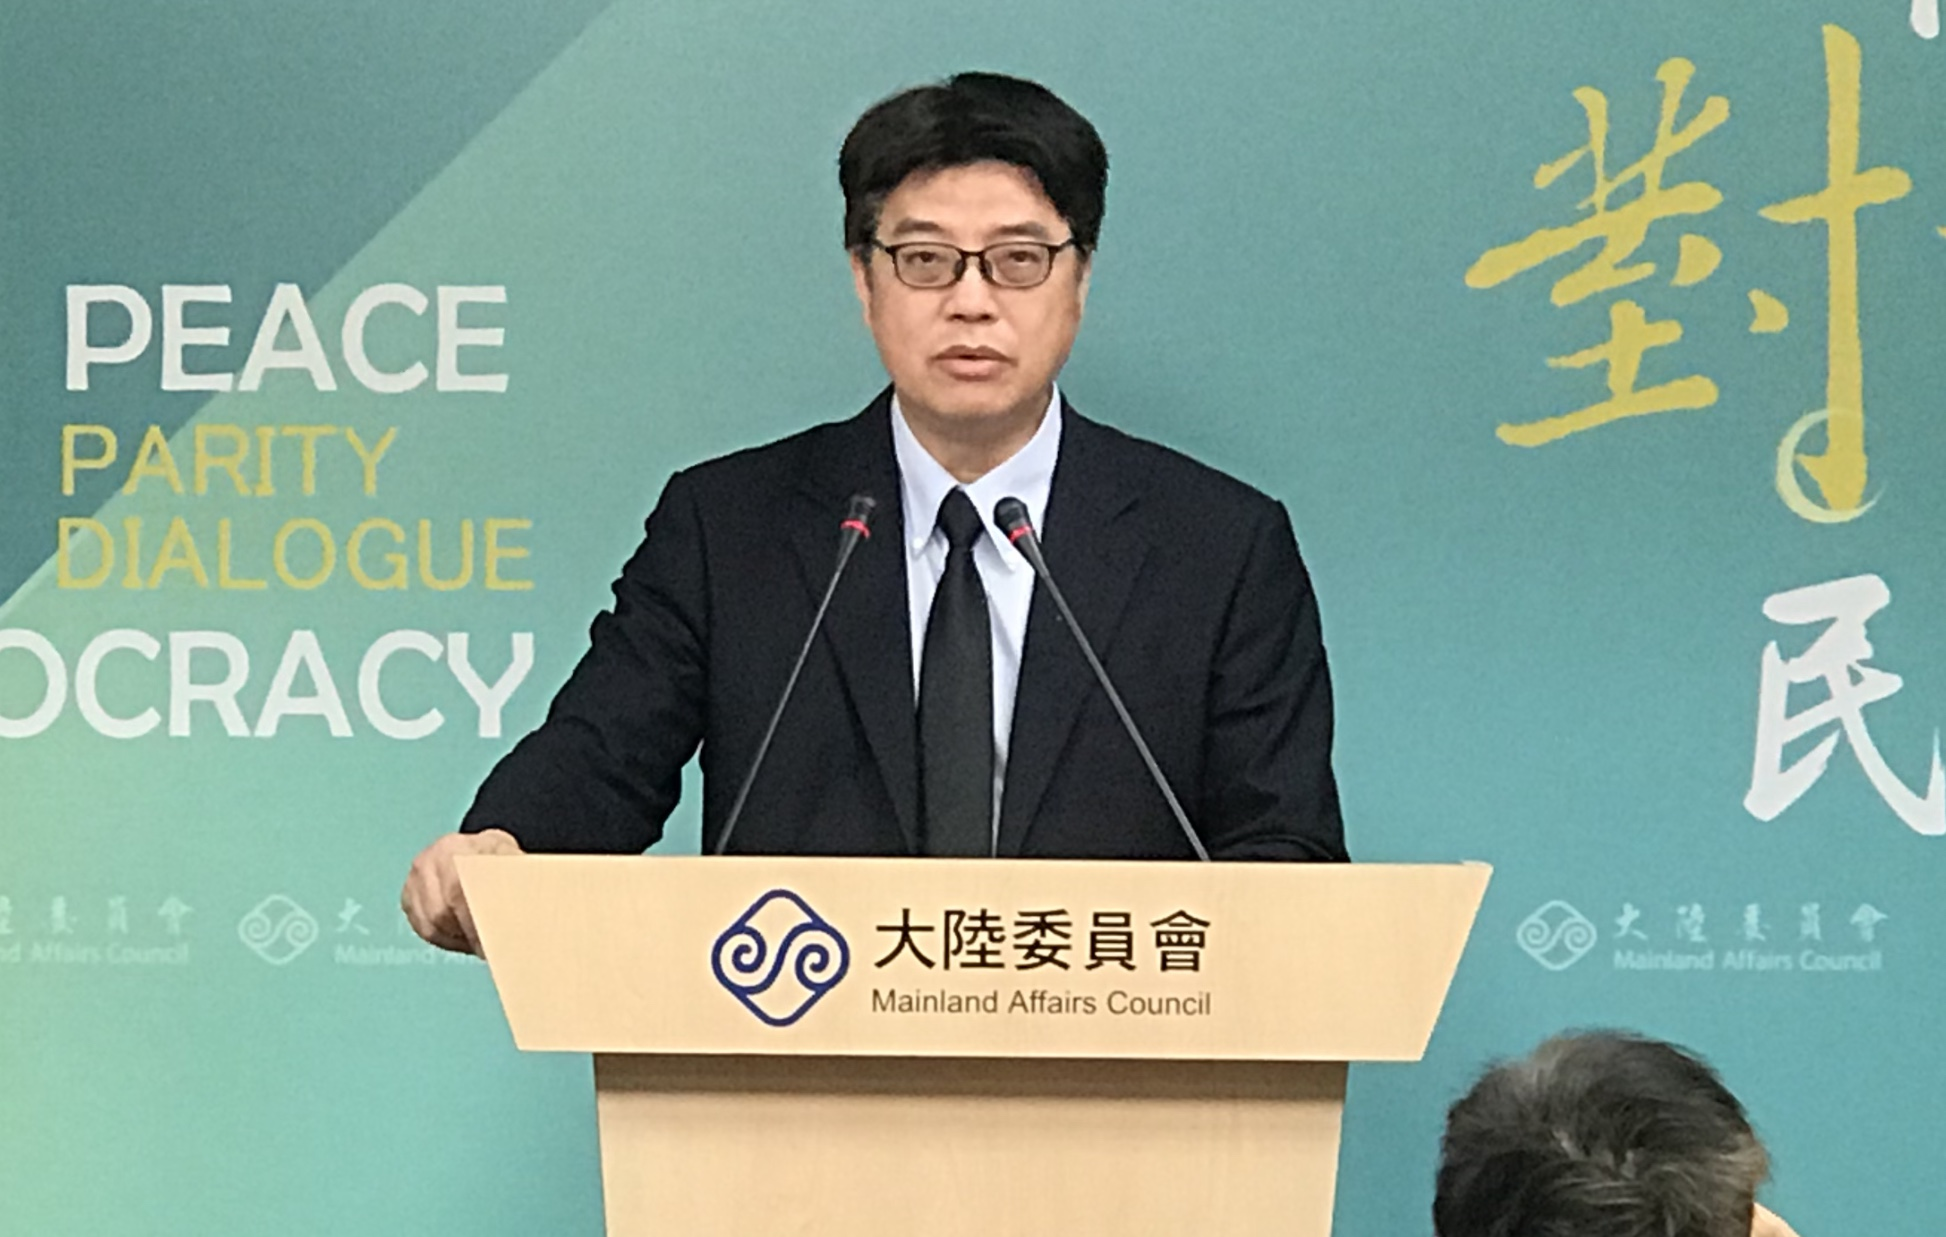 台灣民調:90%以上民眾反對中共武力威脅